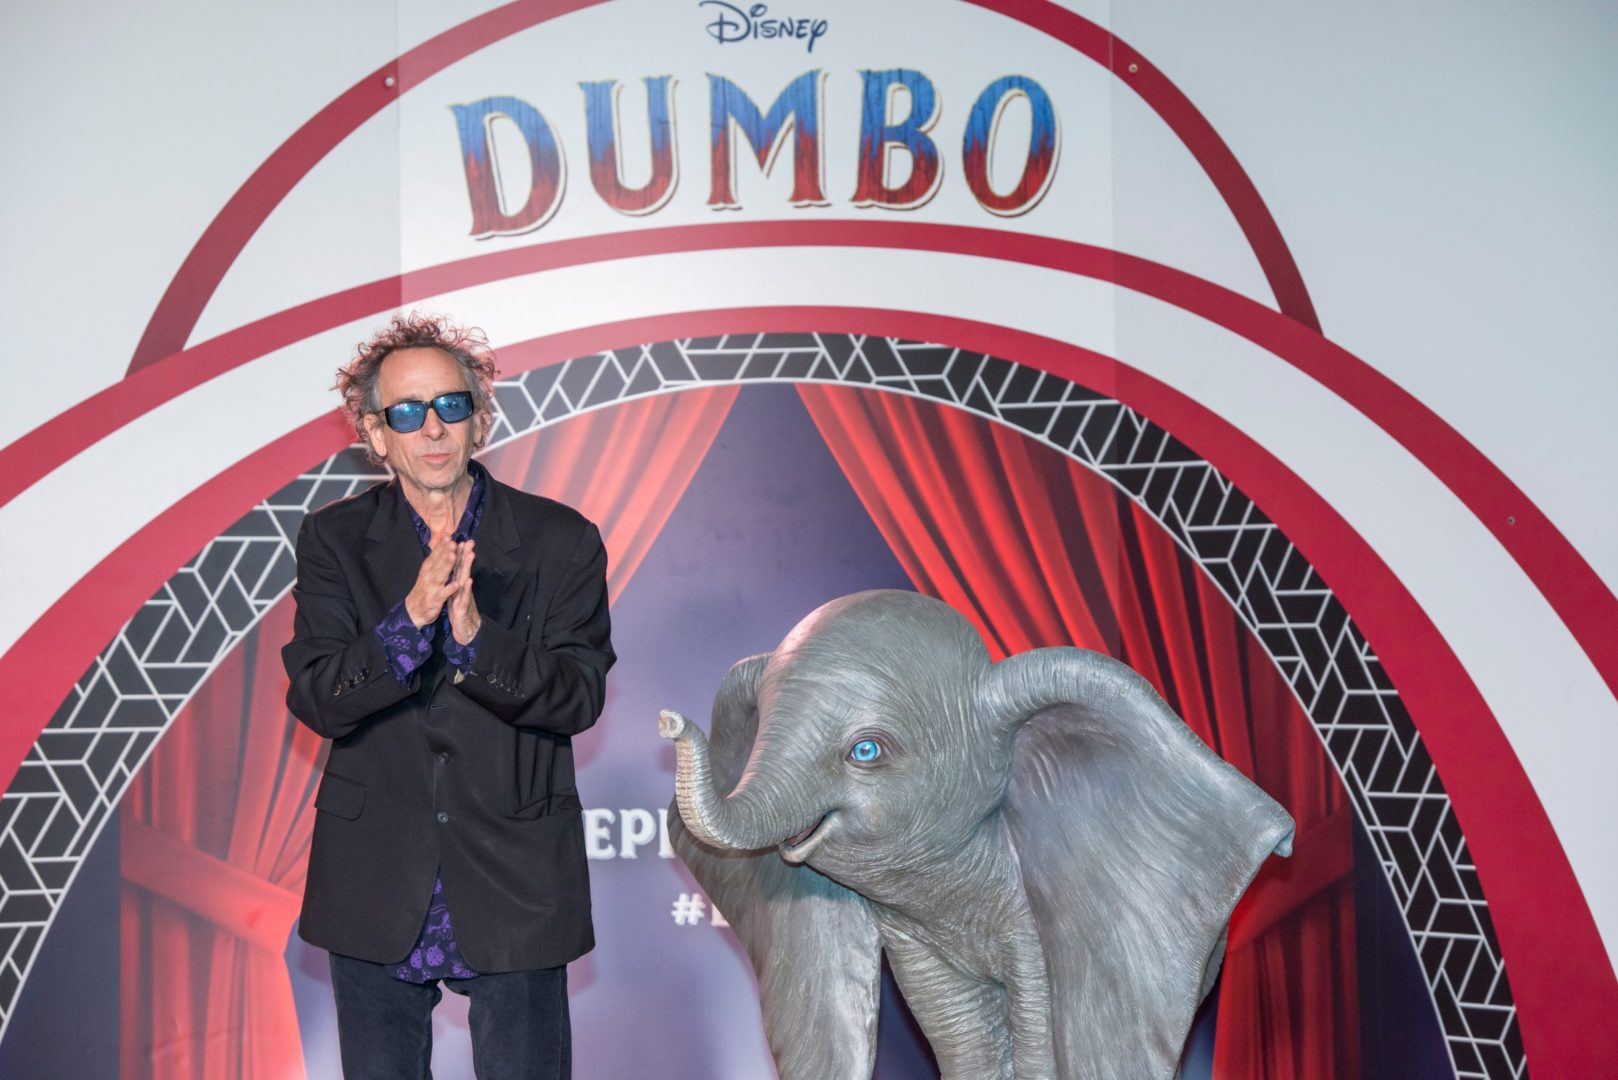 Tim Burton Dumbo